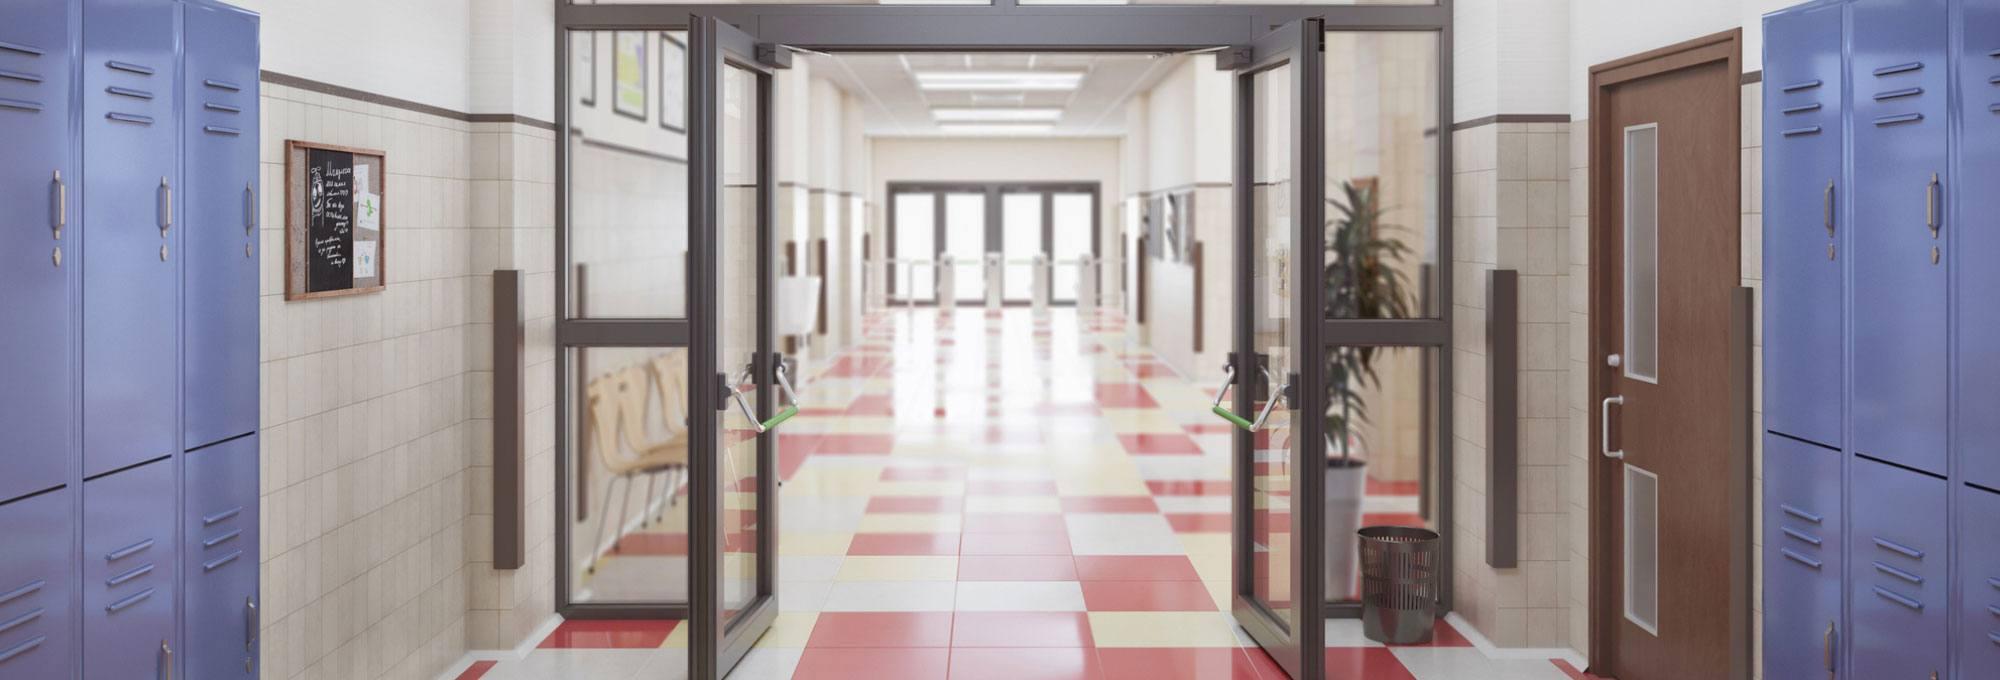 Schools College